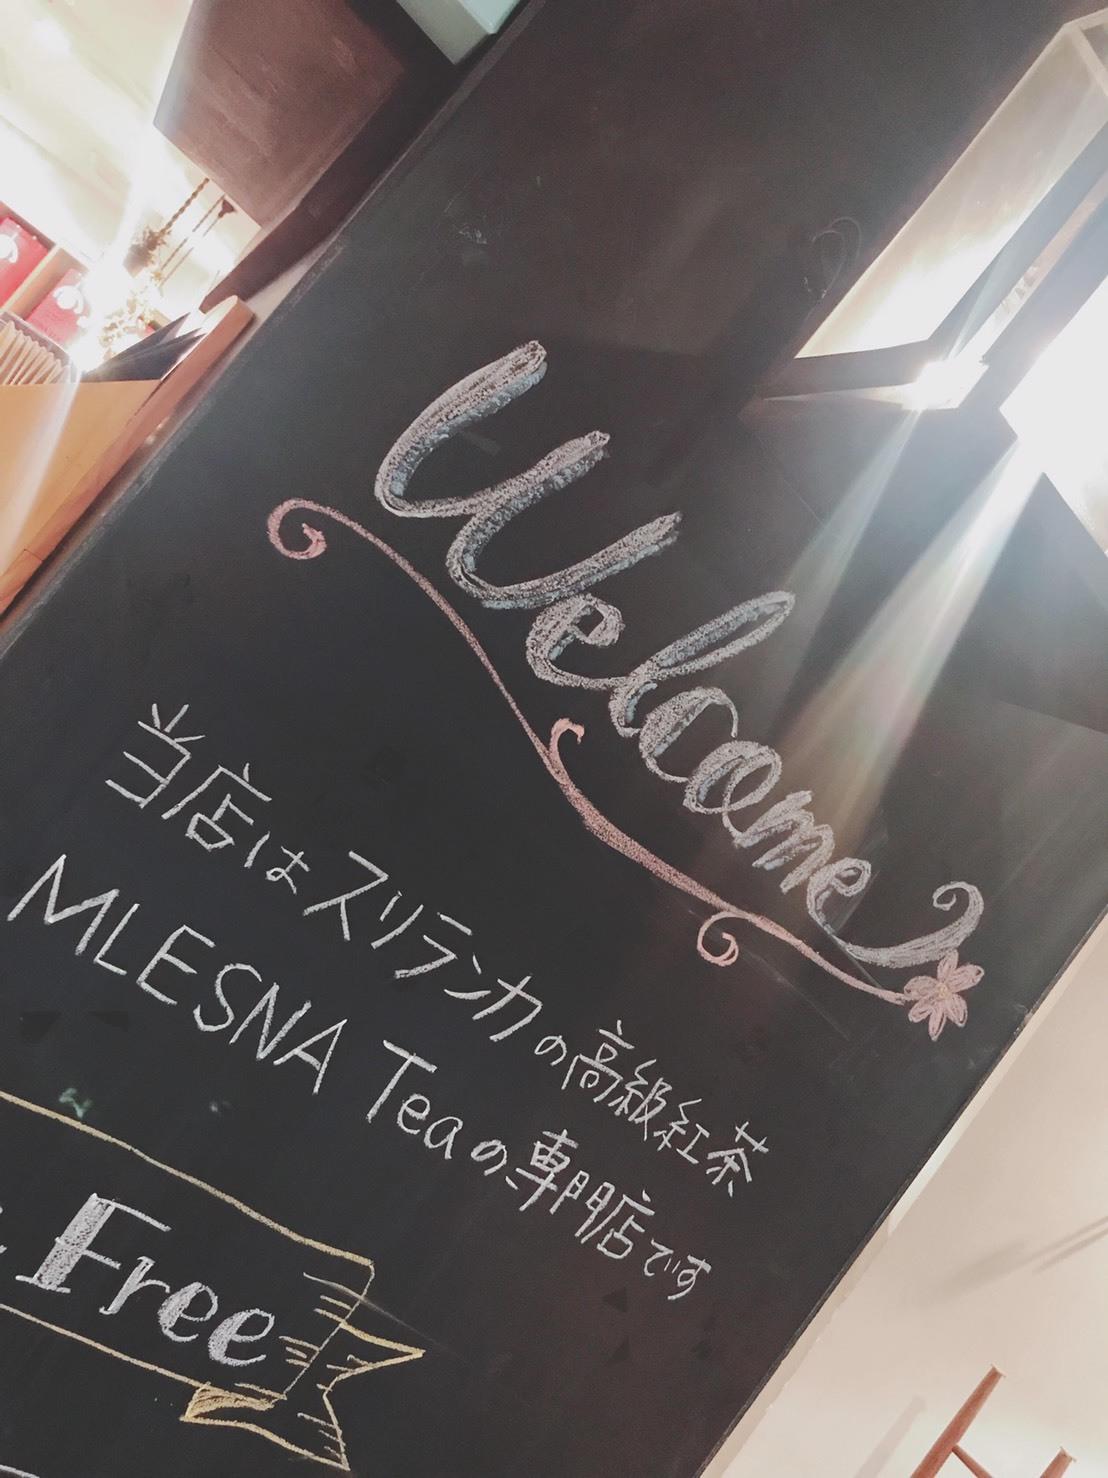 【紅茶好き必見!!ムレスナティー専門店って??】_1_1-1